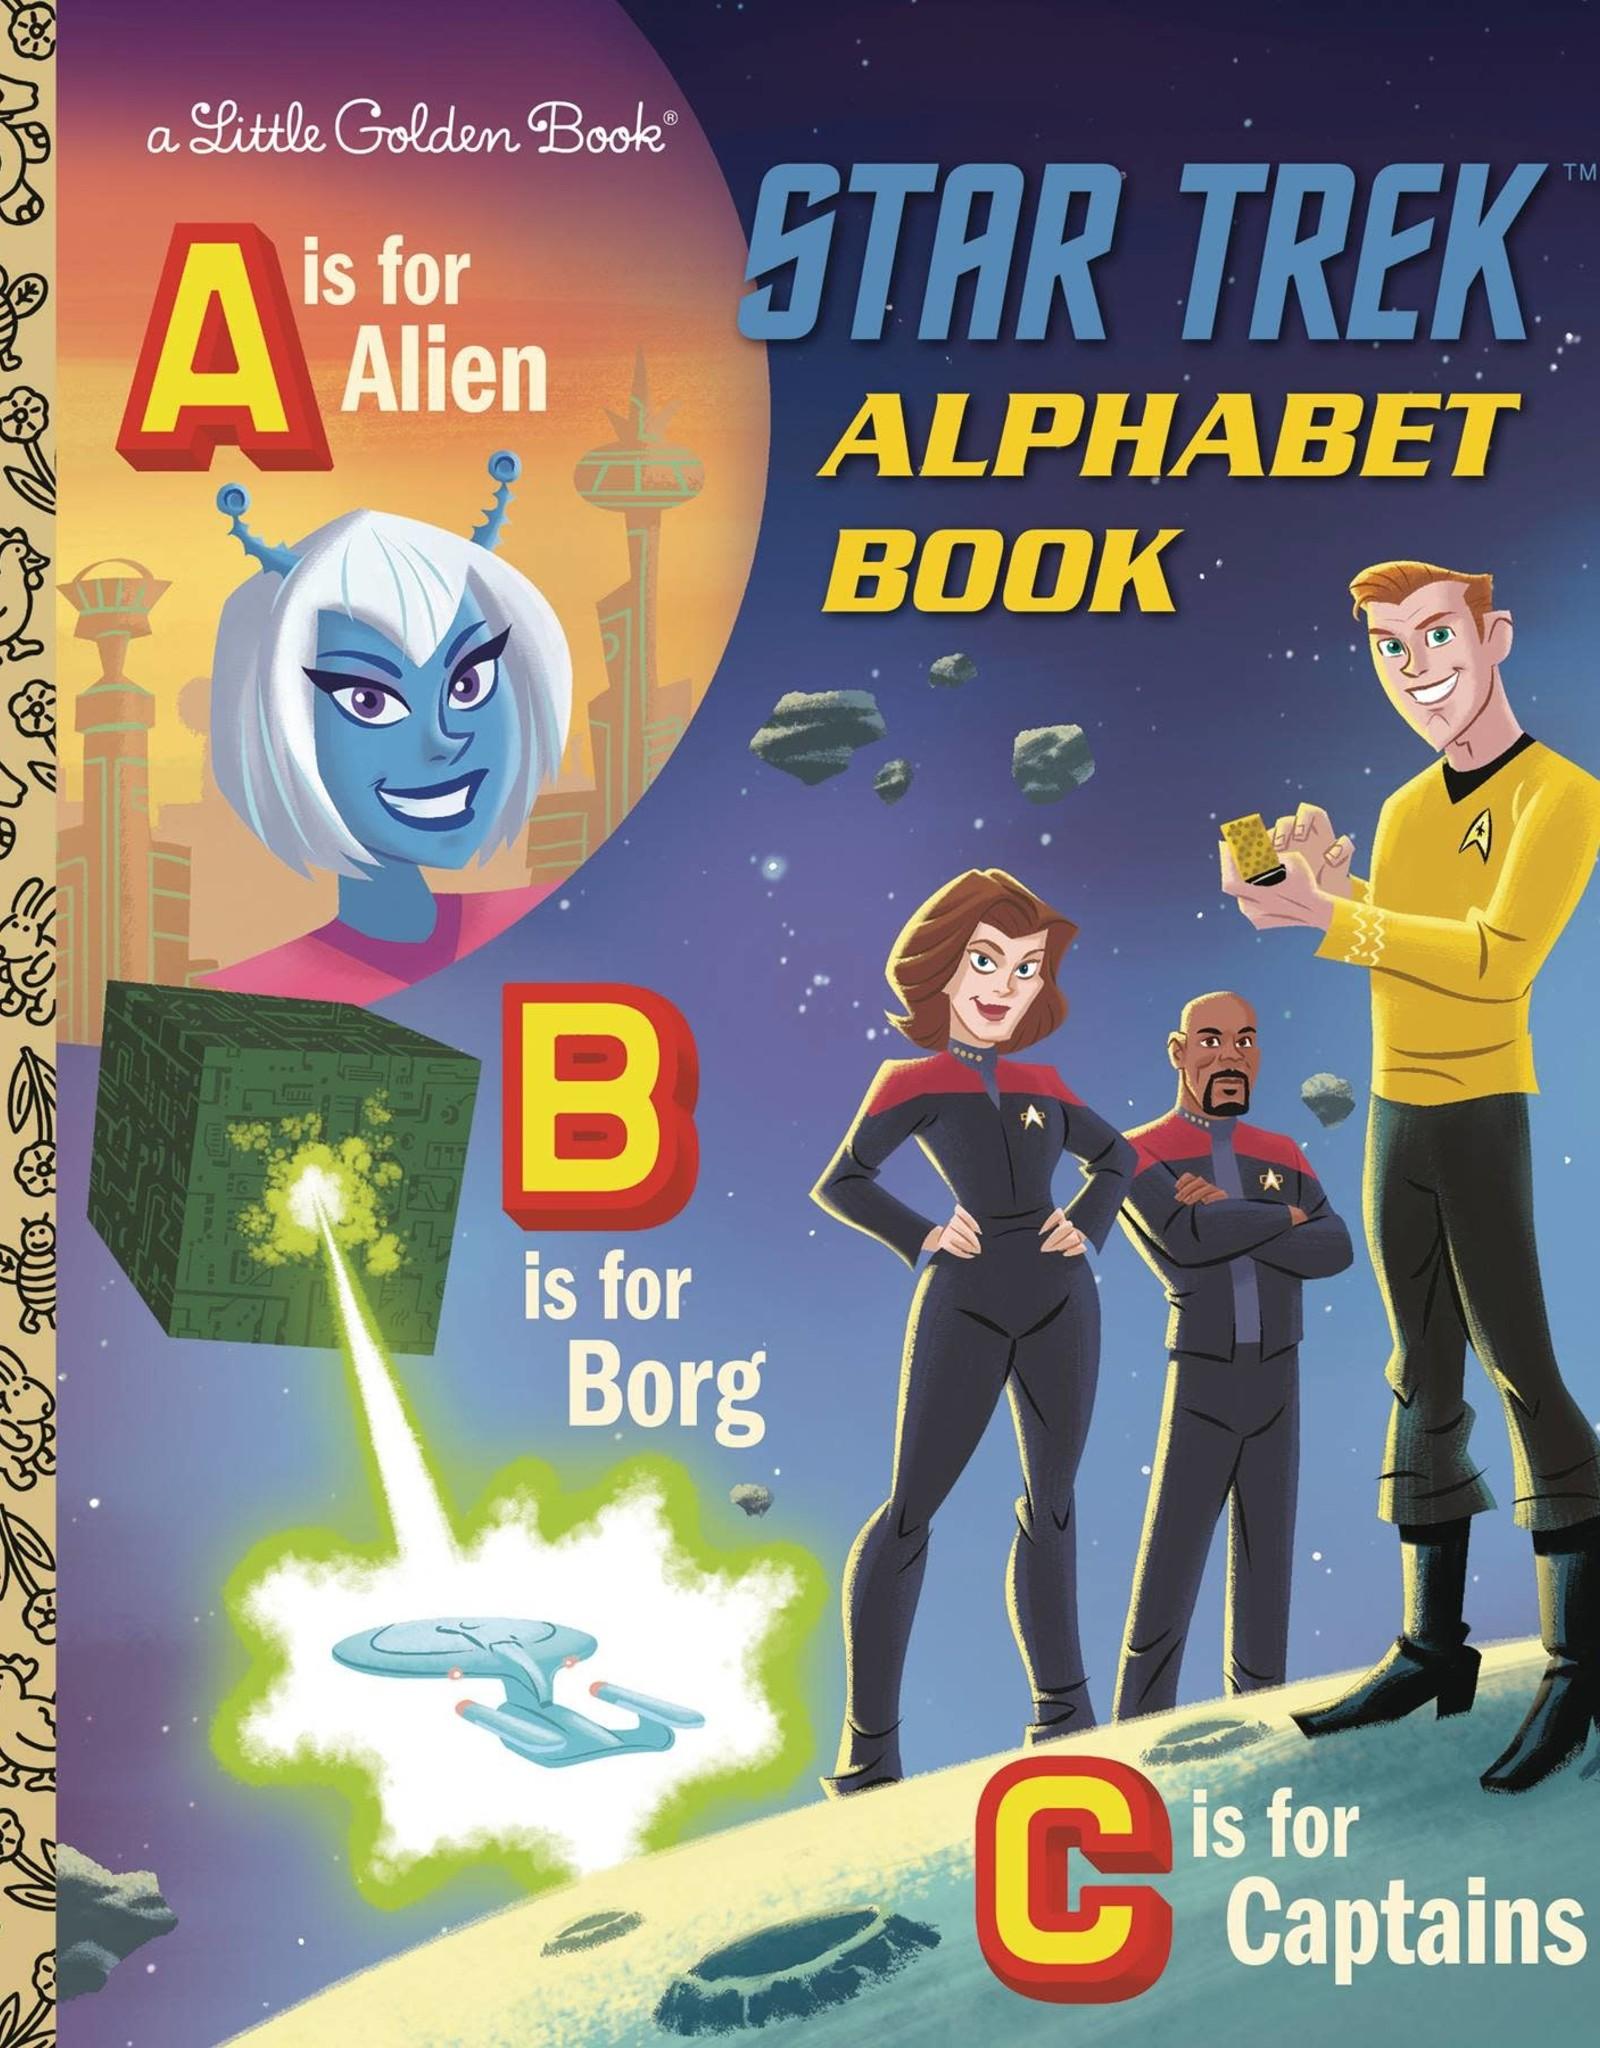 GOLDEN BOOKS STAR TREK ALPHABET BOOK LITTLE GOLDEN BOOK